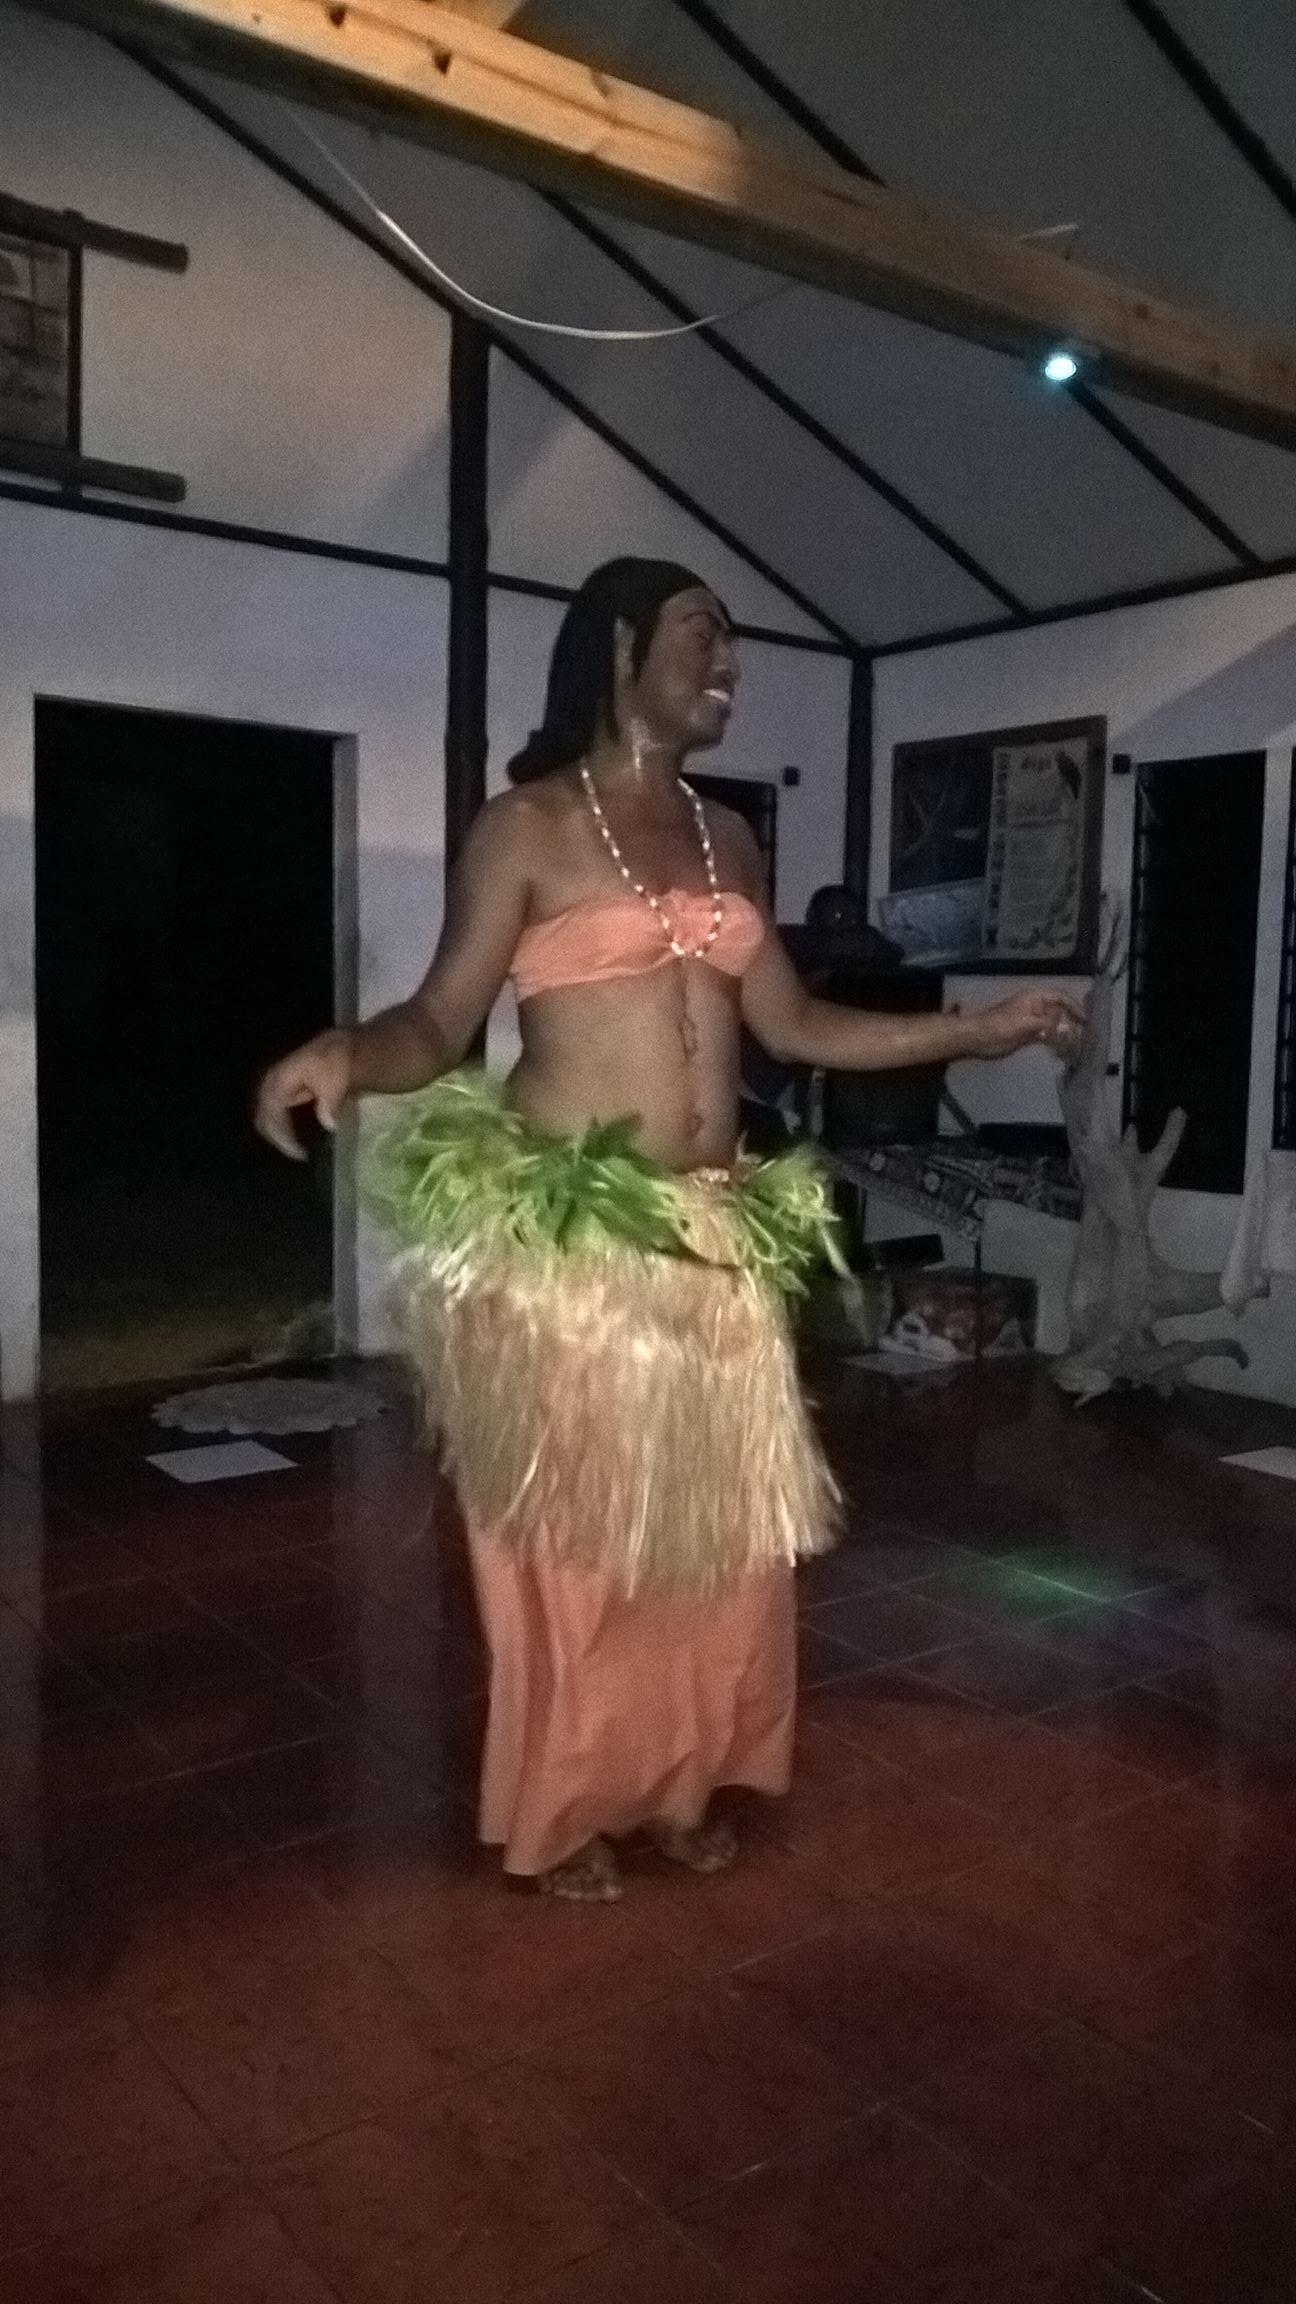 Bauchtanz auf Fidschi: Hier wird von diesem Mann uns etwas vorgeführt